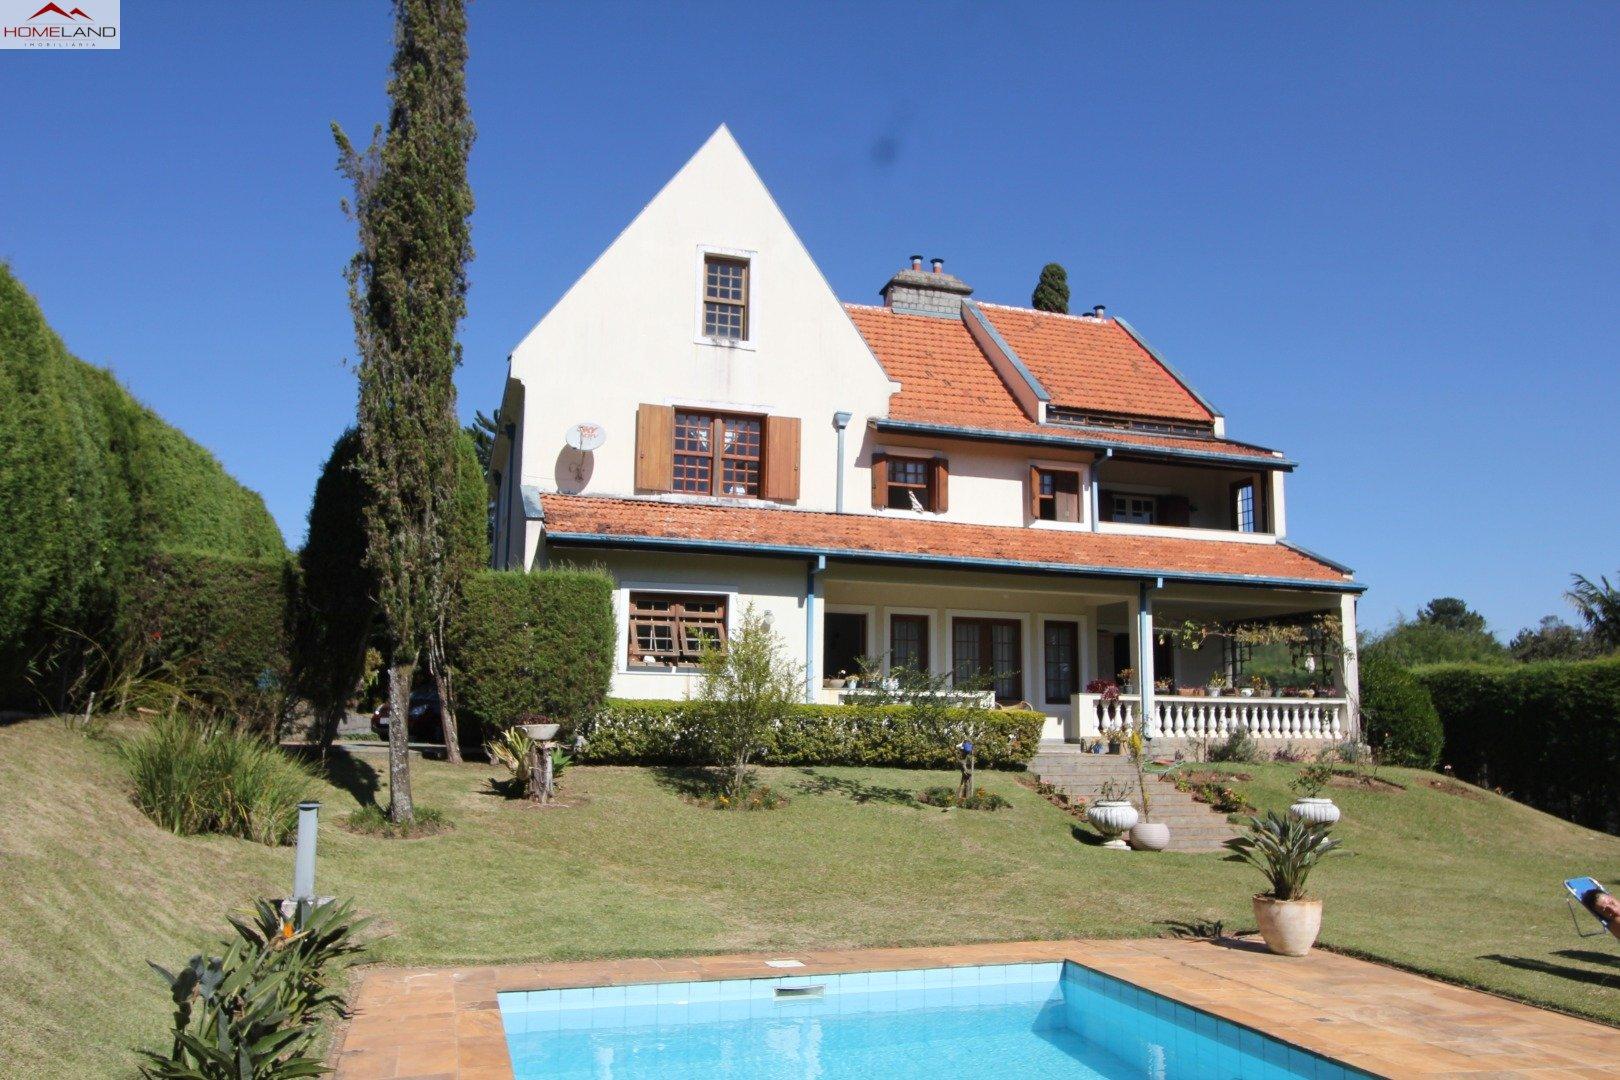 HL-177 Excelente casa em terreno duplo e ótima localização do Patrimônio do Carmo R$ 1.800 mil